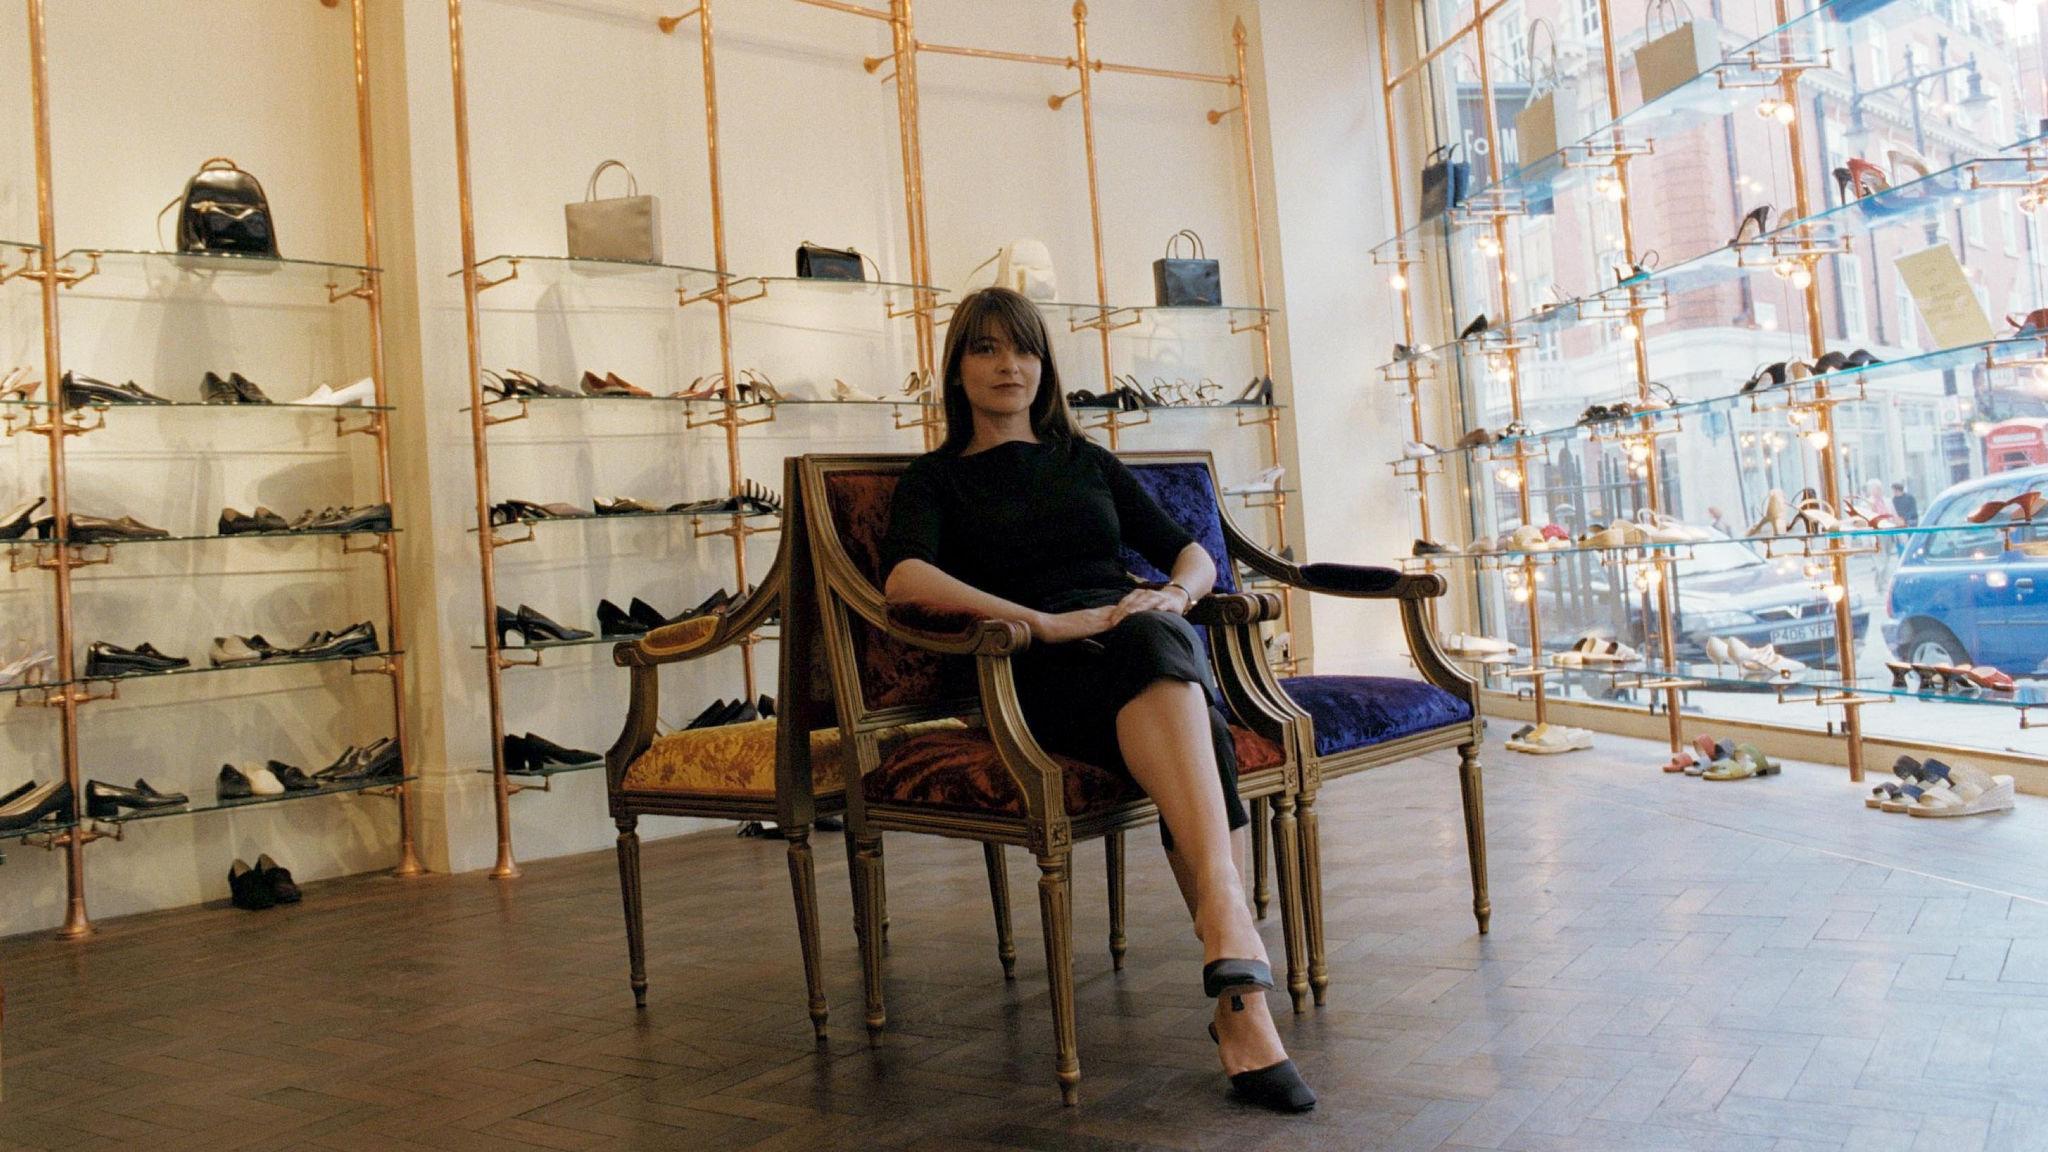 How fashion chain LK Bennett stumbled | Financial Times